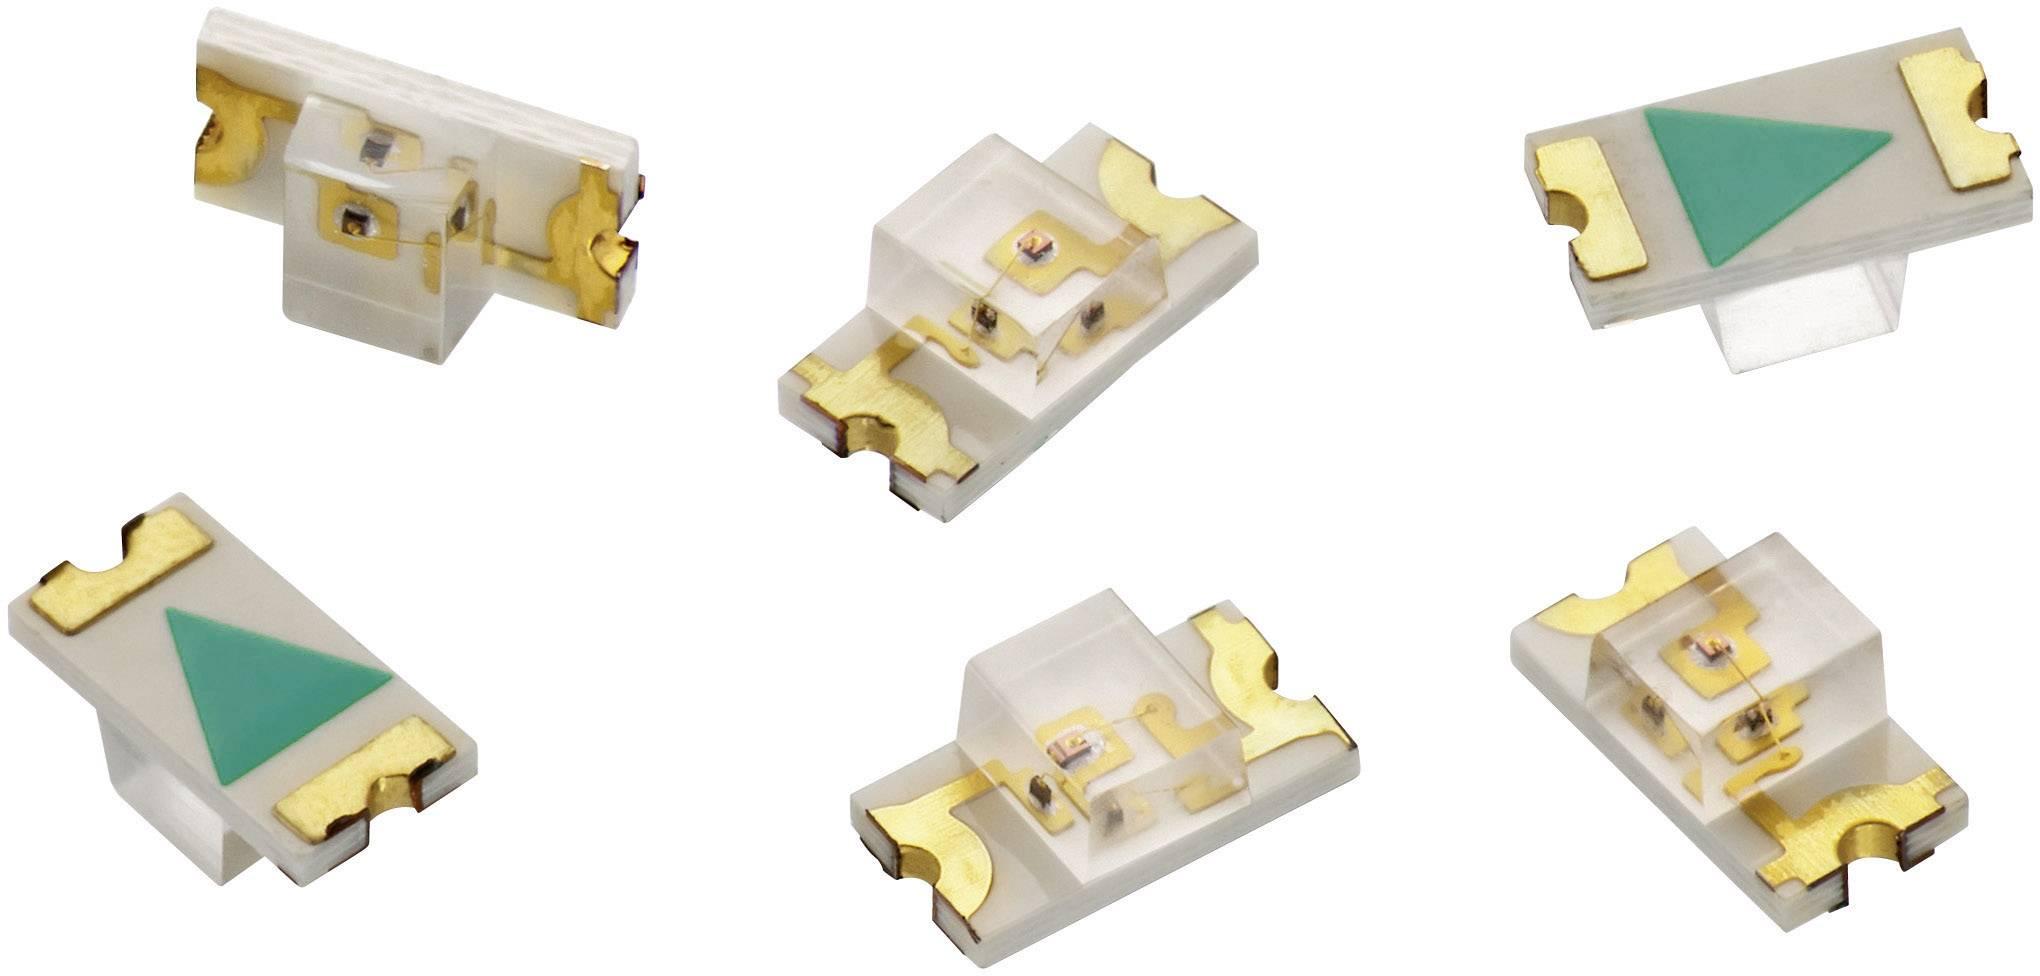 SMD LED Würth Elektronik, 156120GS75000, 25 mA, 3,3 V, 140 °, 235 mcd, zelená